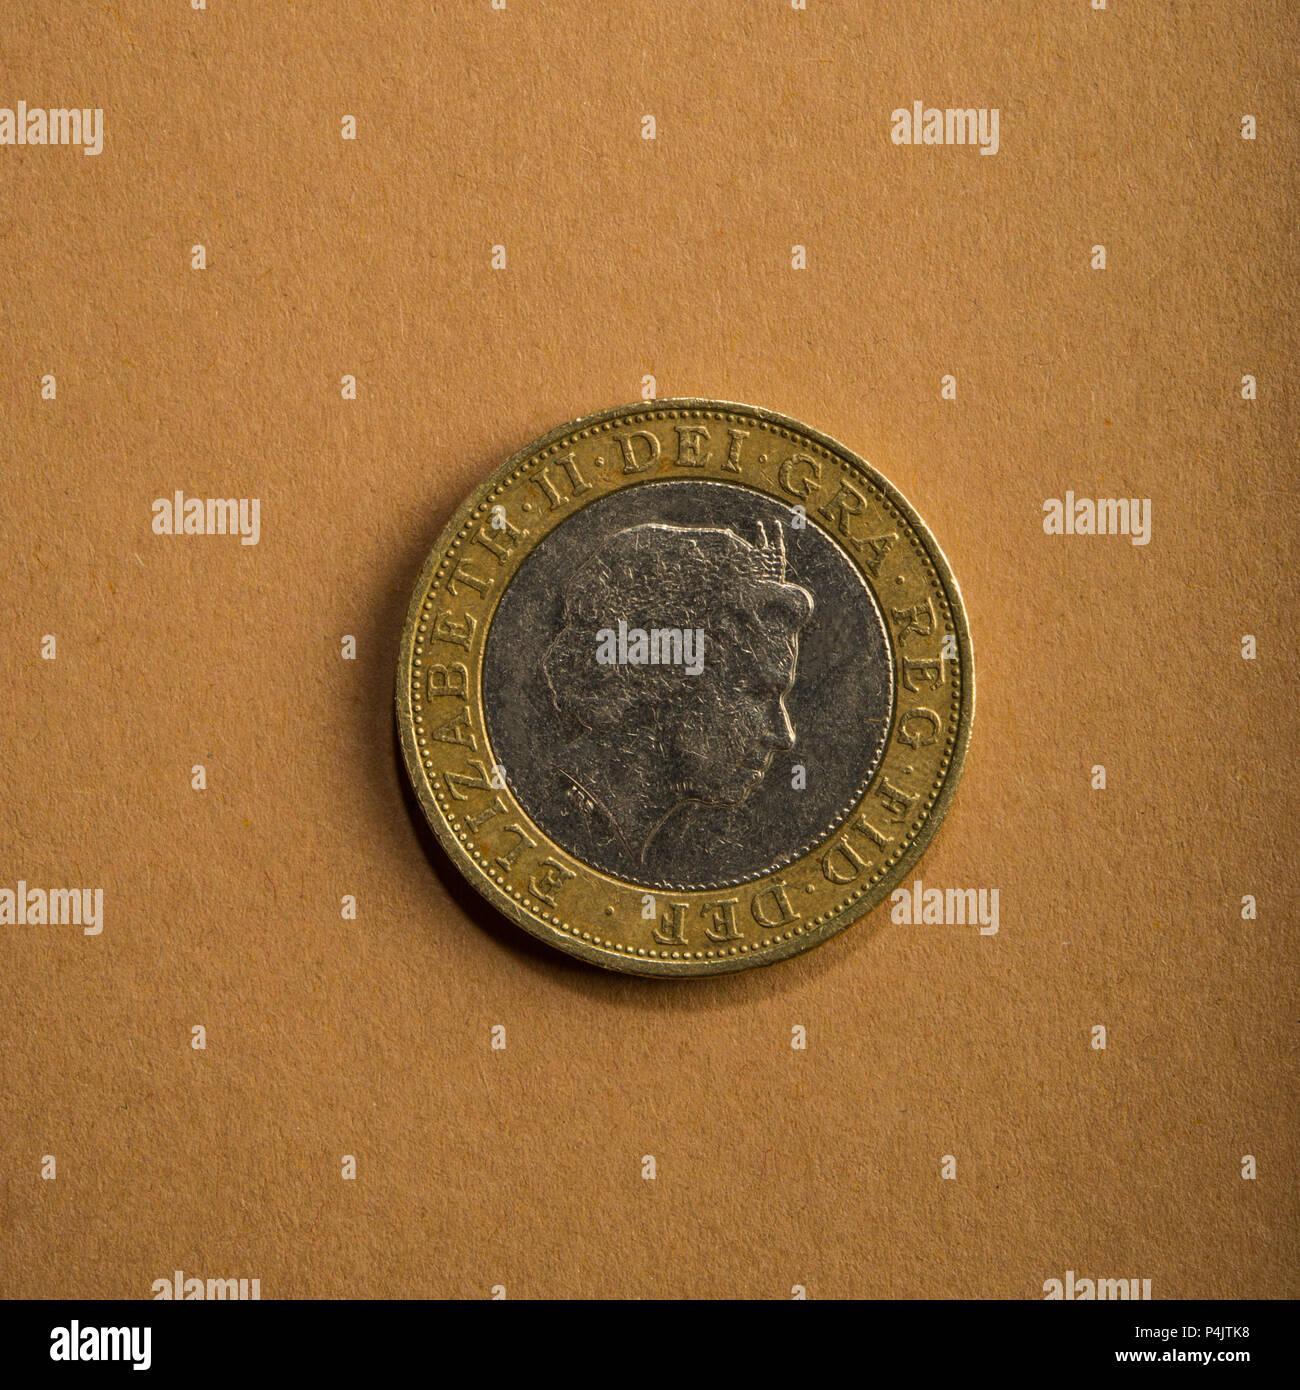 Münze Von Zwei Pfund Auf Braunem Grund Art Der Münzen Von England